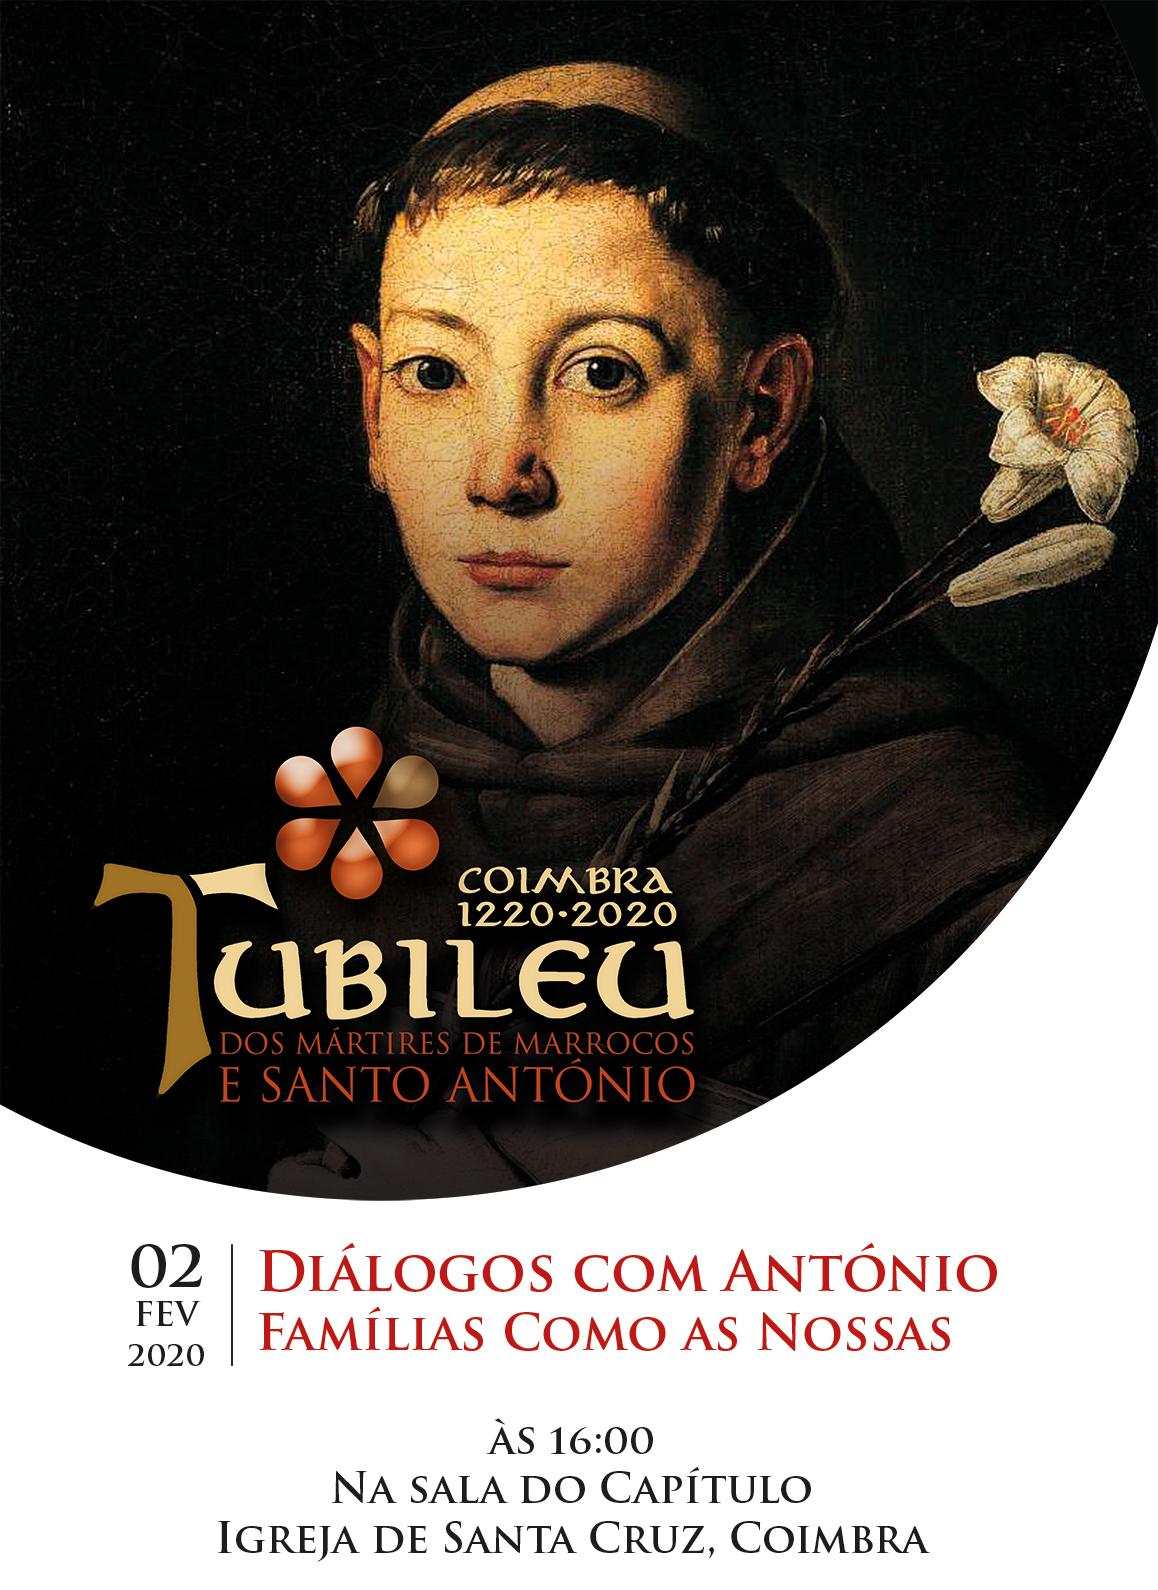 Diálogos com António 2020: Famílias como as nossas.